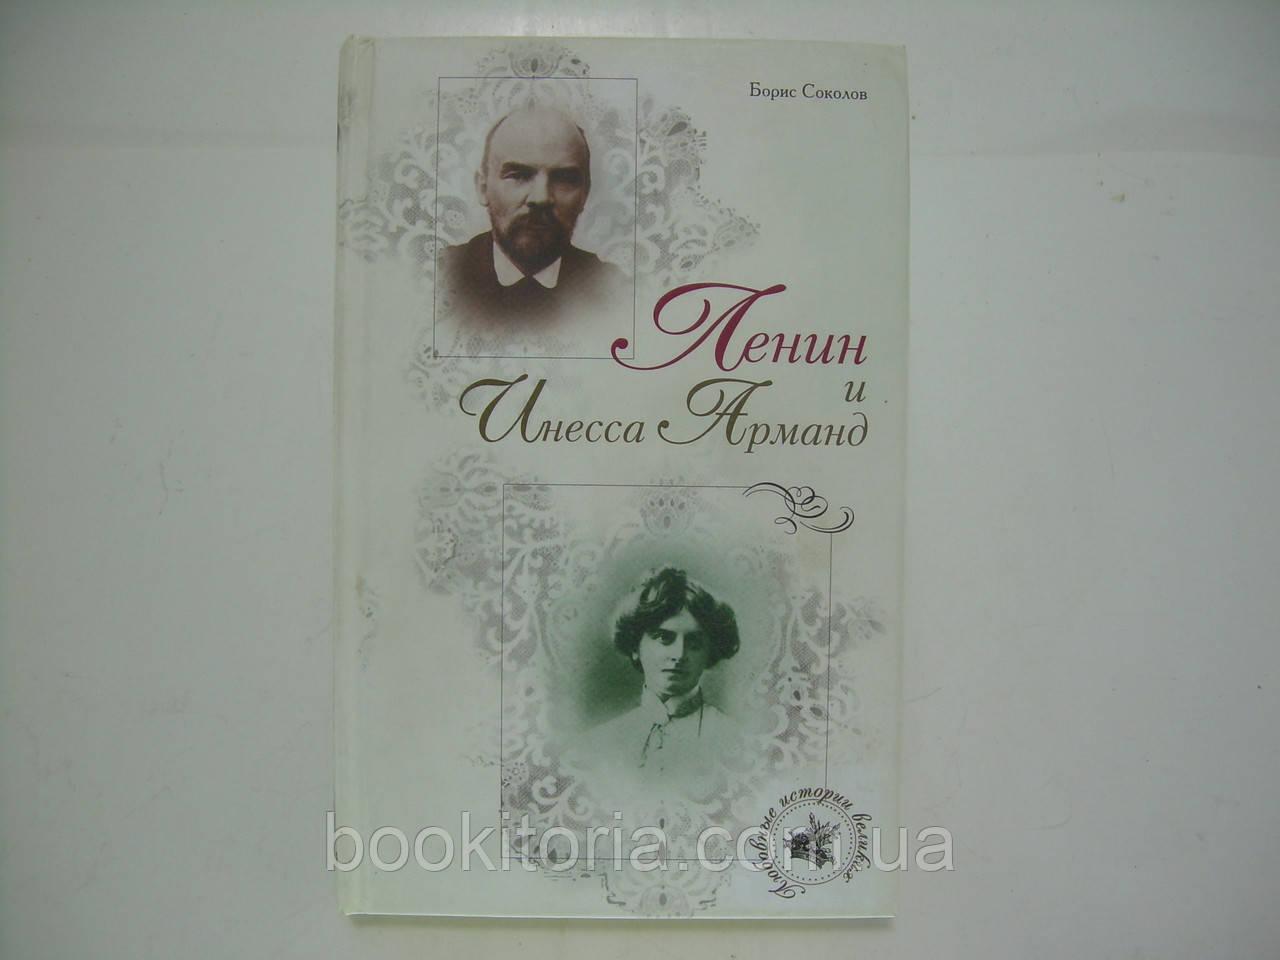 Соколов Б.В. Ленин и Инесса Арманд (б/у).